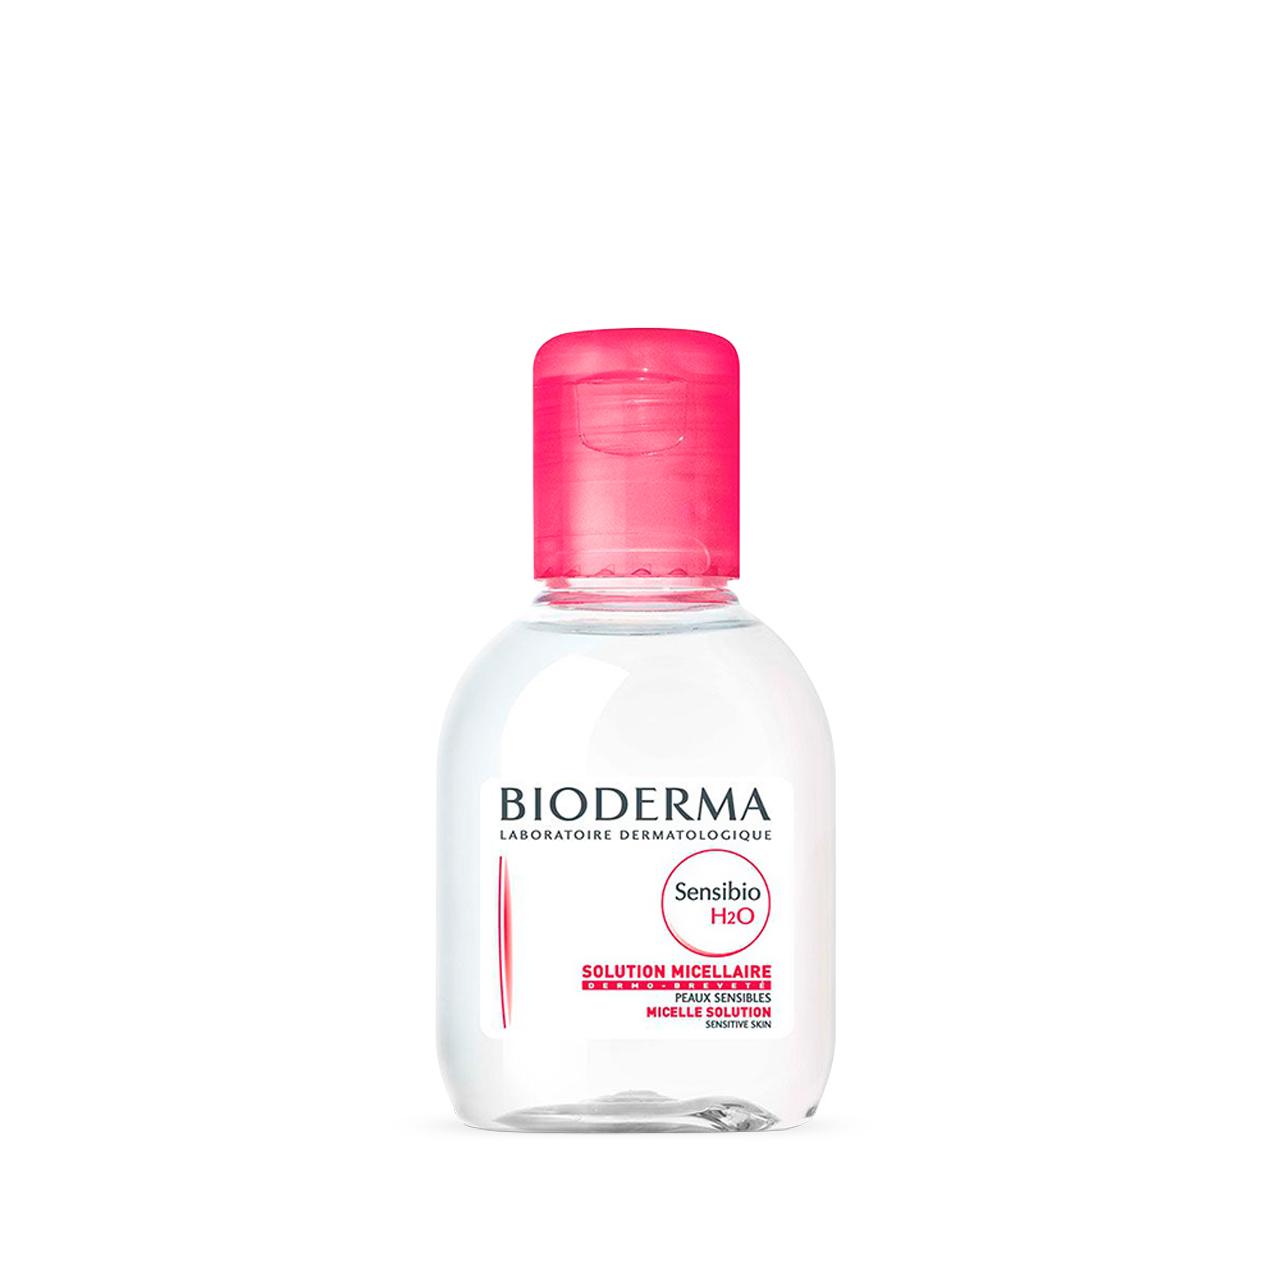 قیمت محلول پاک کننده آرایش بایودرما مدل Sensibio H2O حجم 100 میلی لیتر